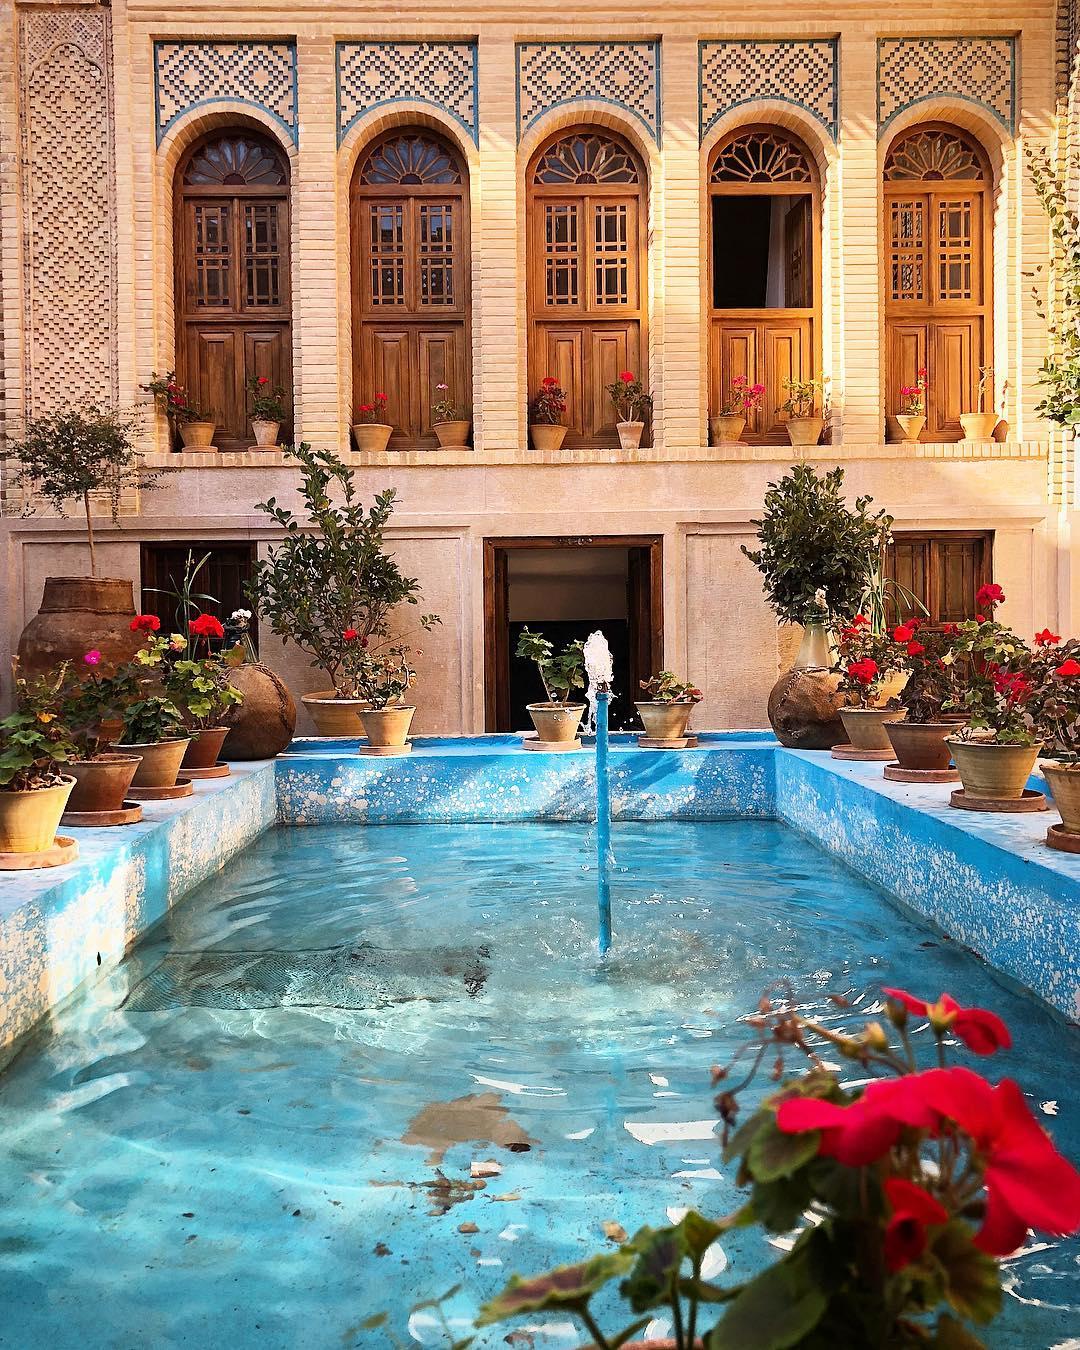 Day 10) Pasargadae - Shiraz